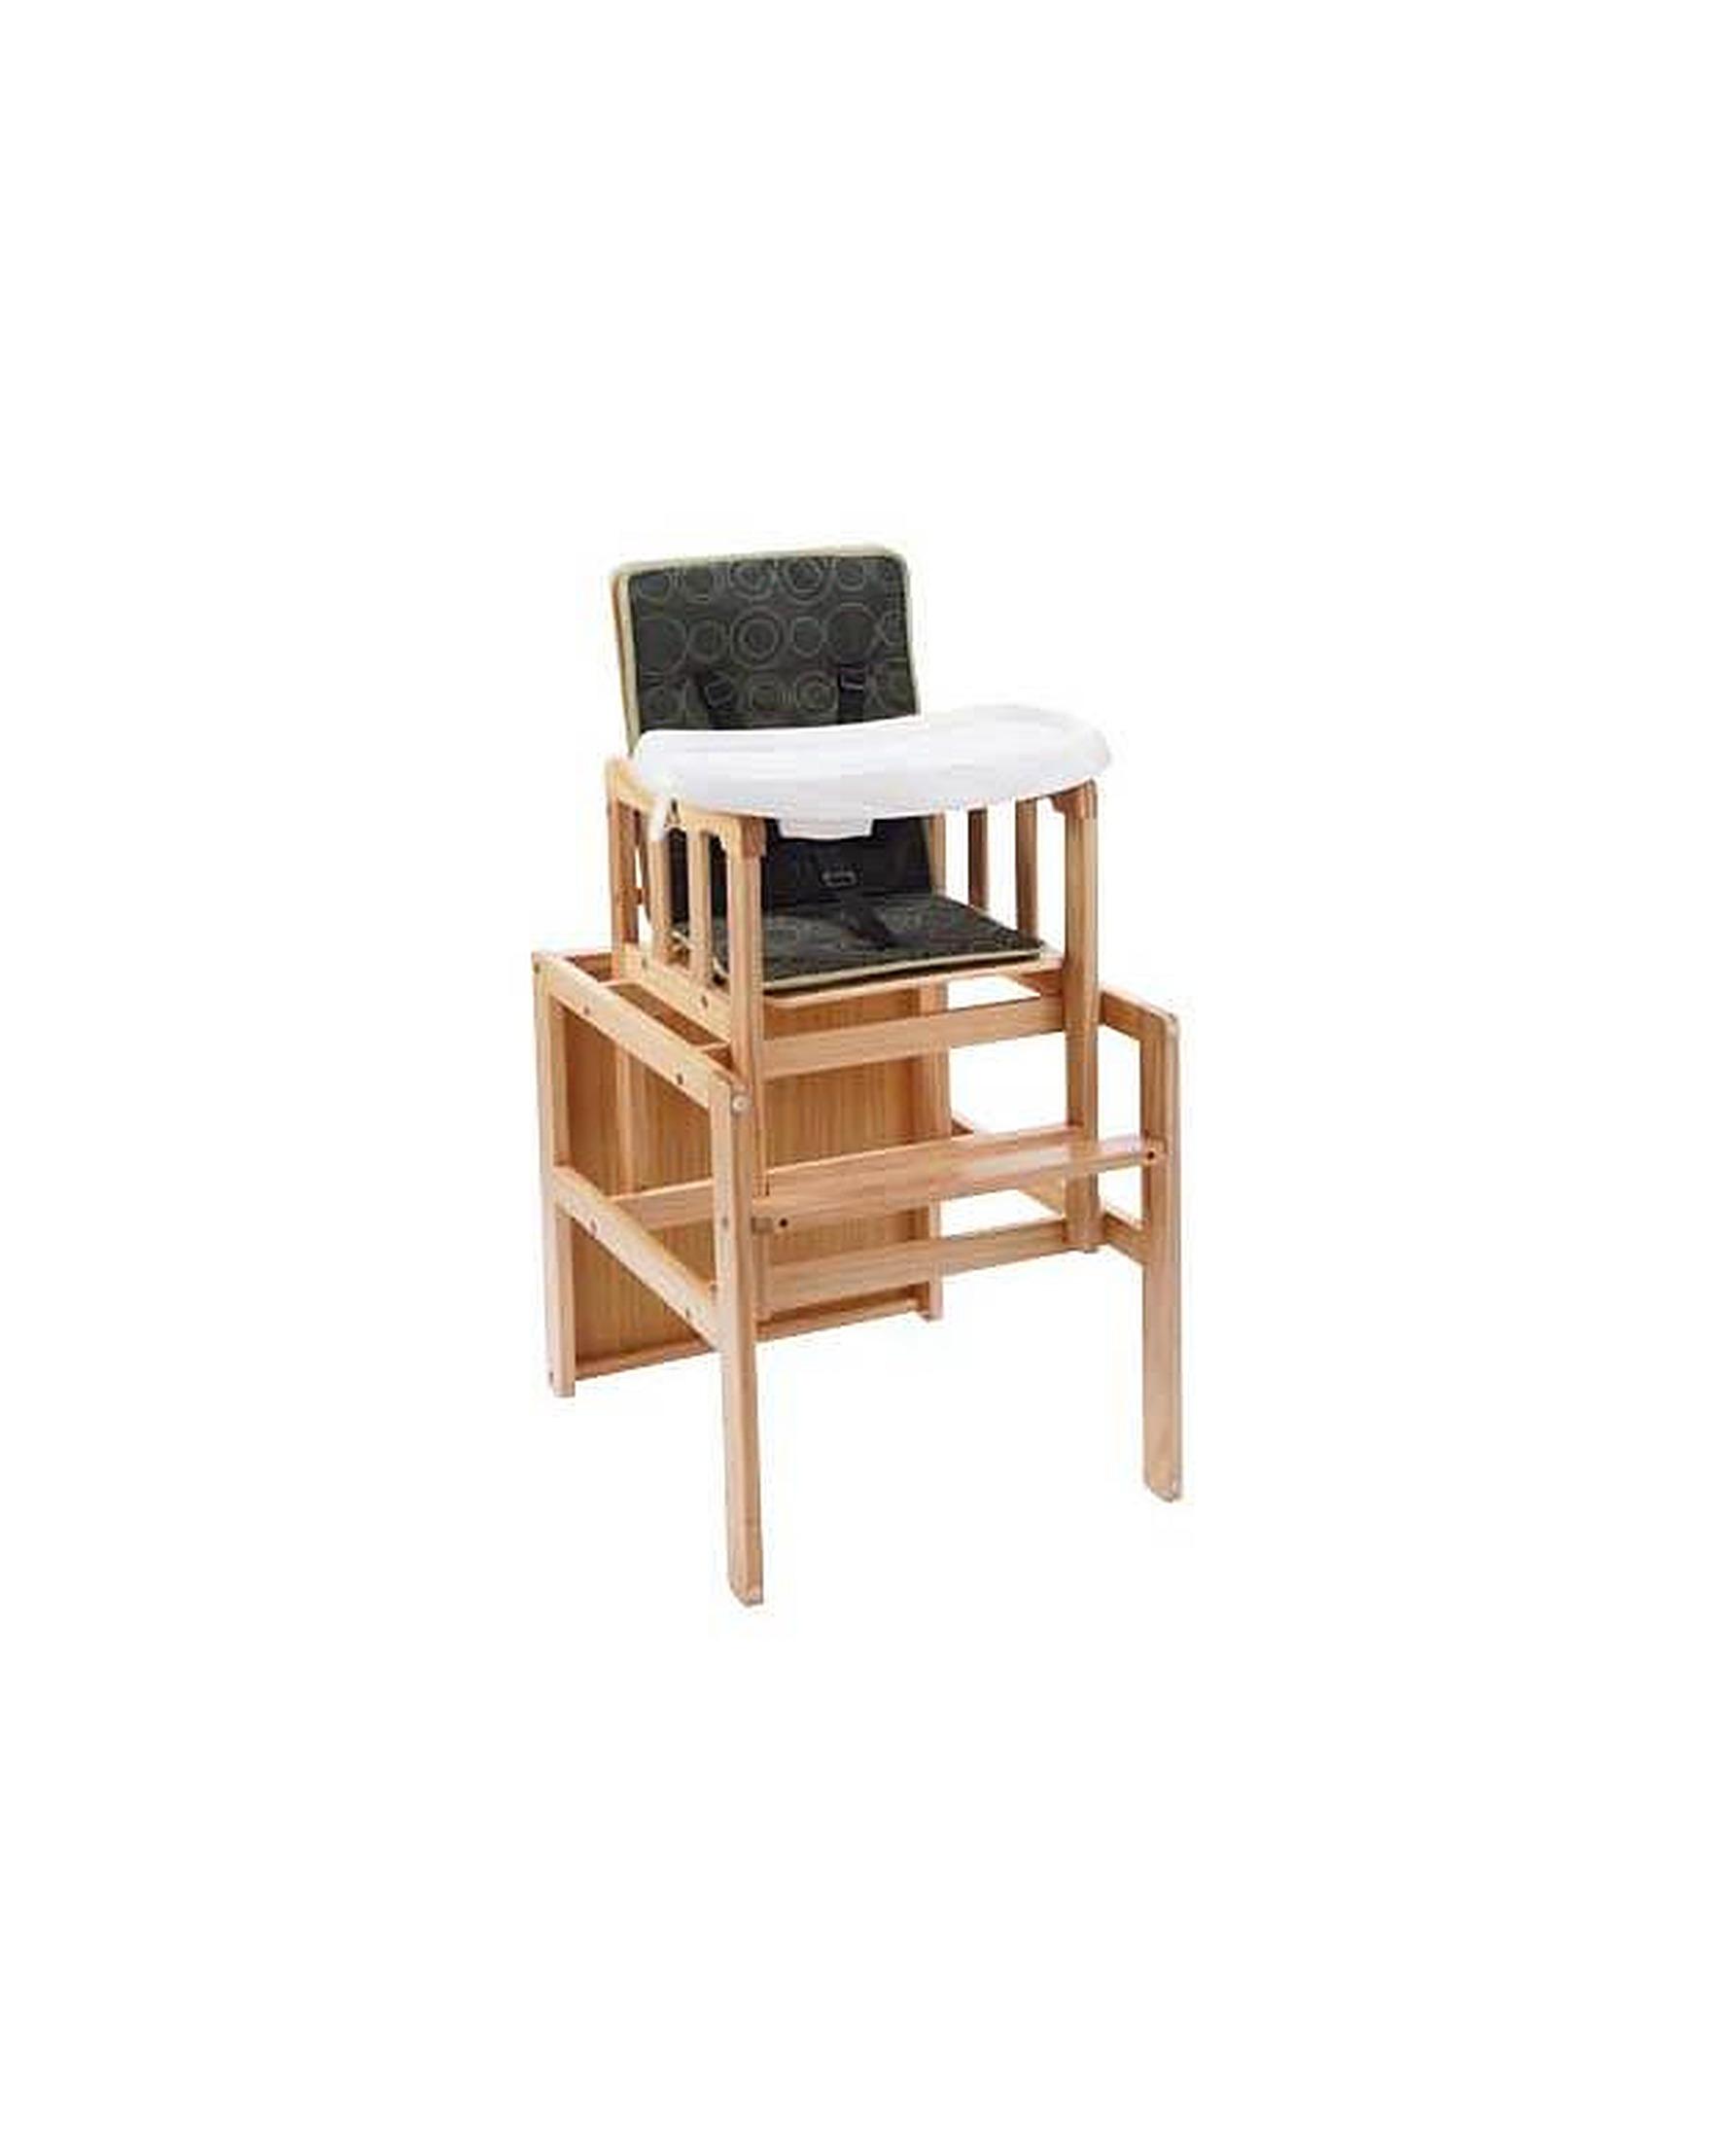 BabyStart 3 in 1 Wooden Baby Highchair